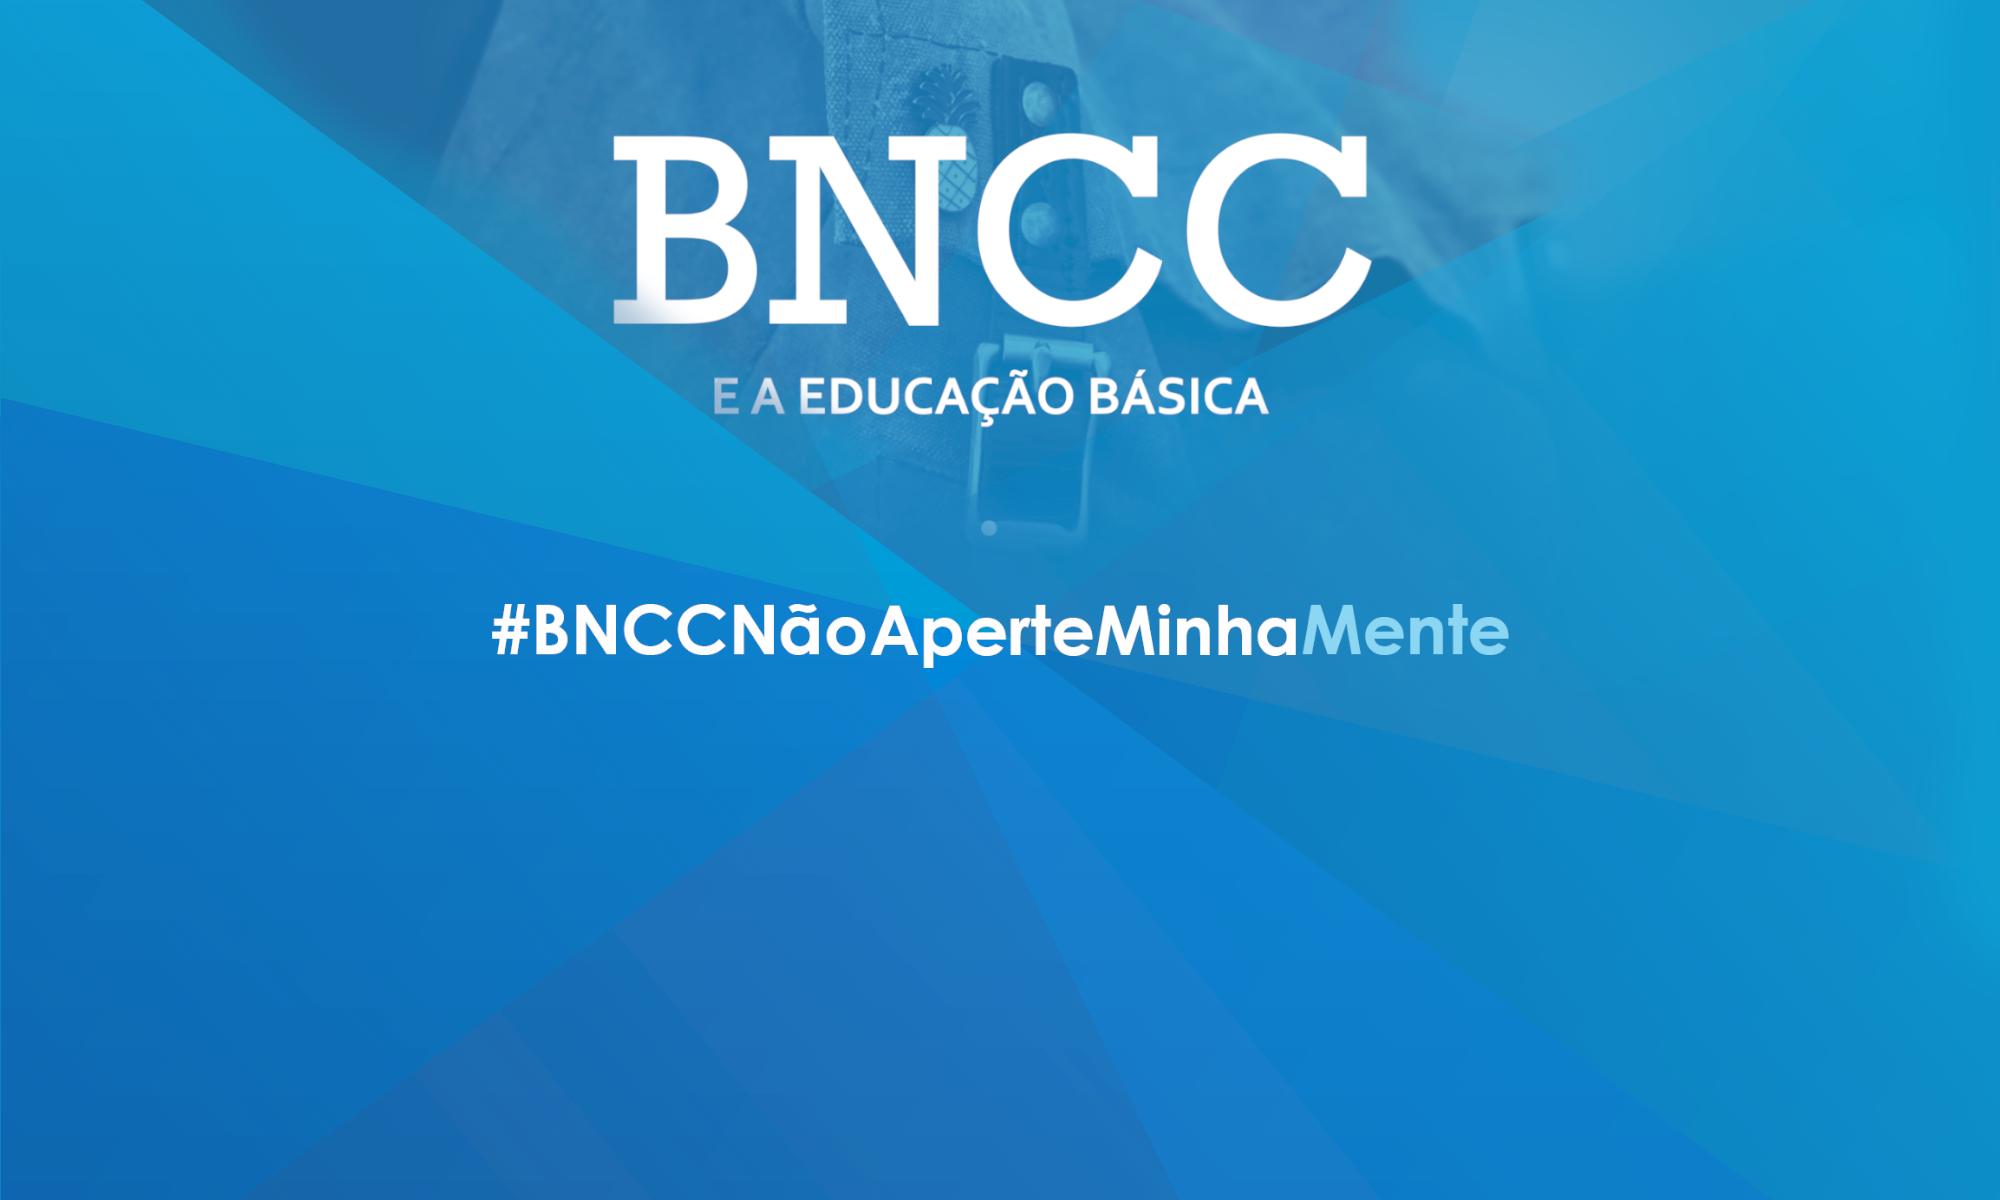 BNCC e a Educação Básica